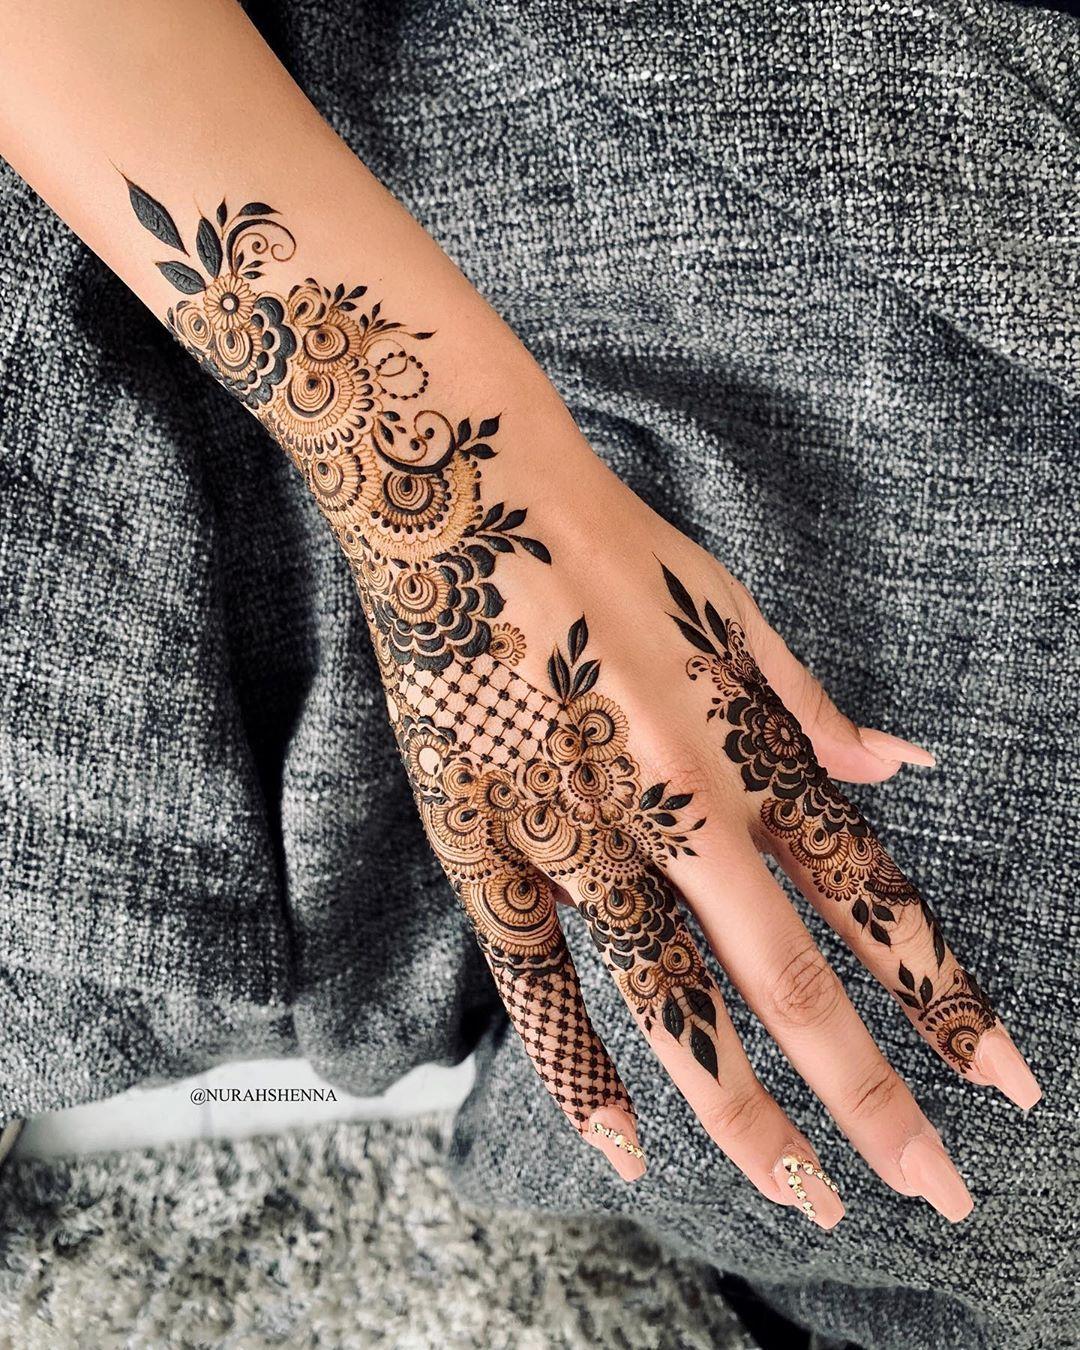 Arabian Henna حنا On Instagram In 2020 Henna Designs Floral Henna Designs Stylish Mehndi Designs